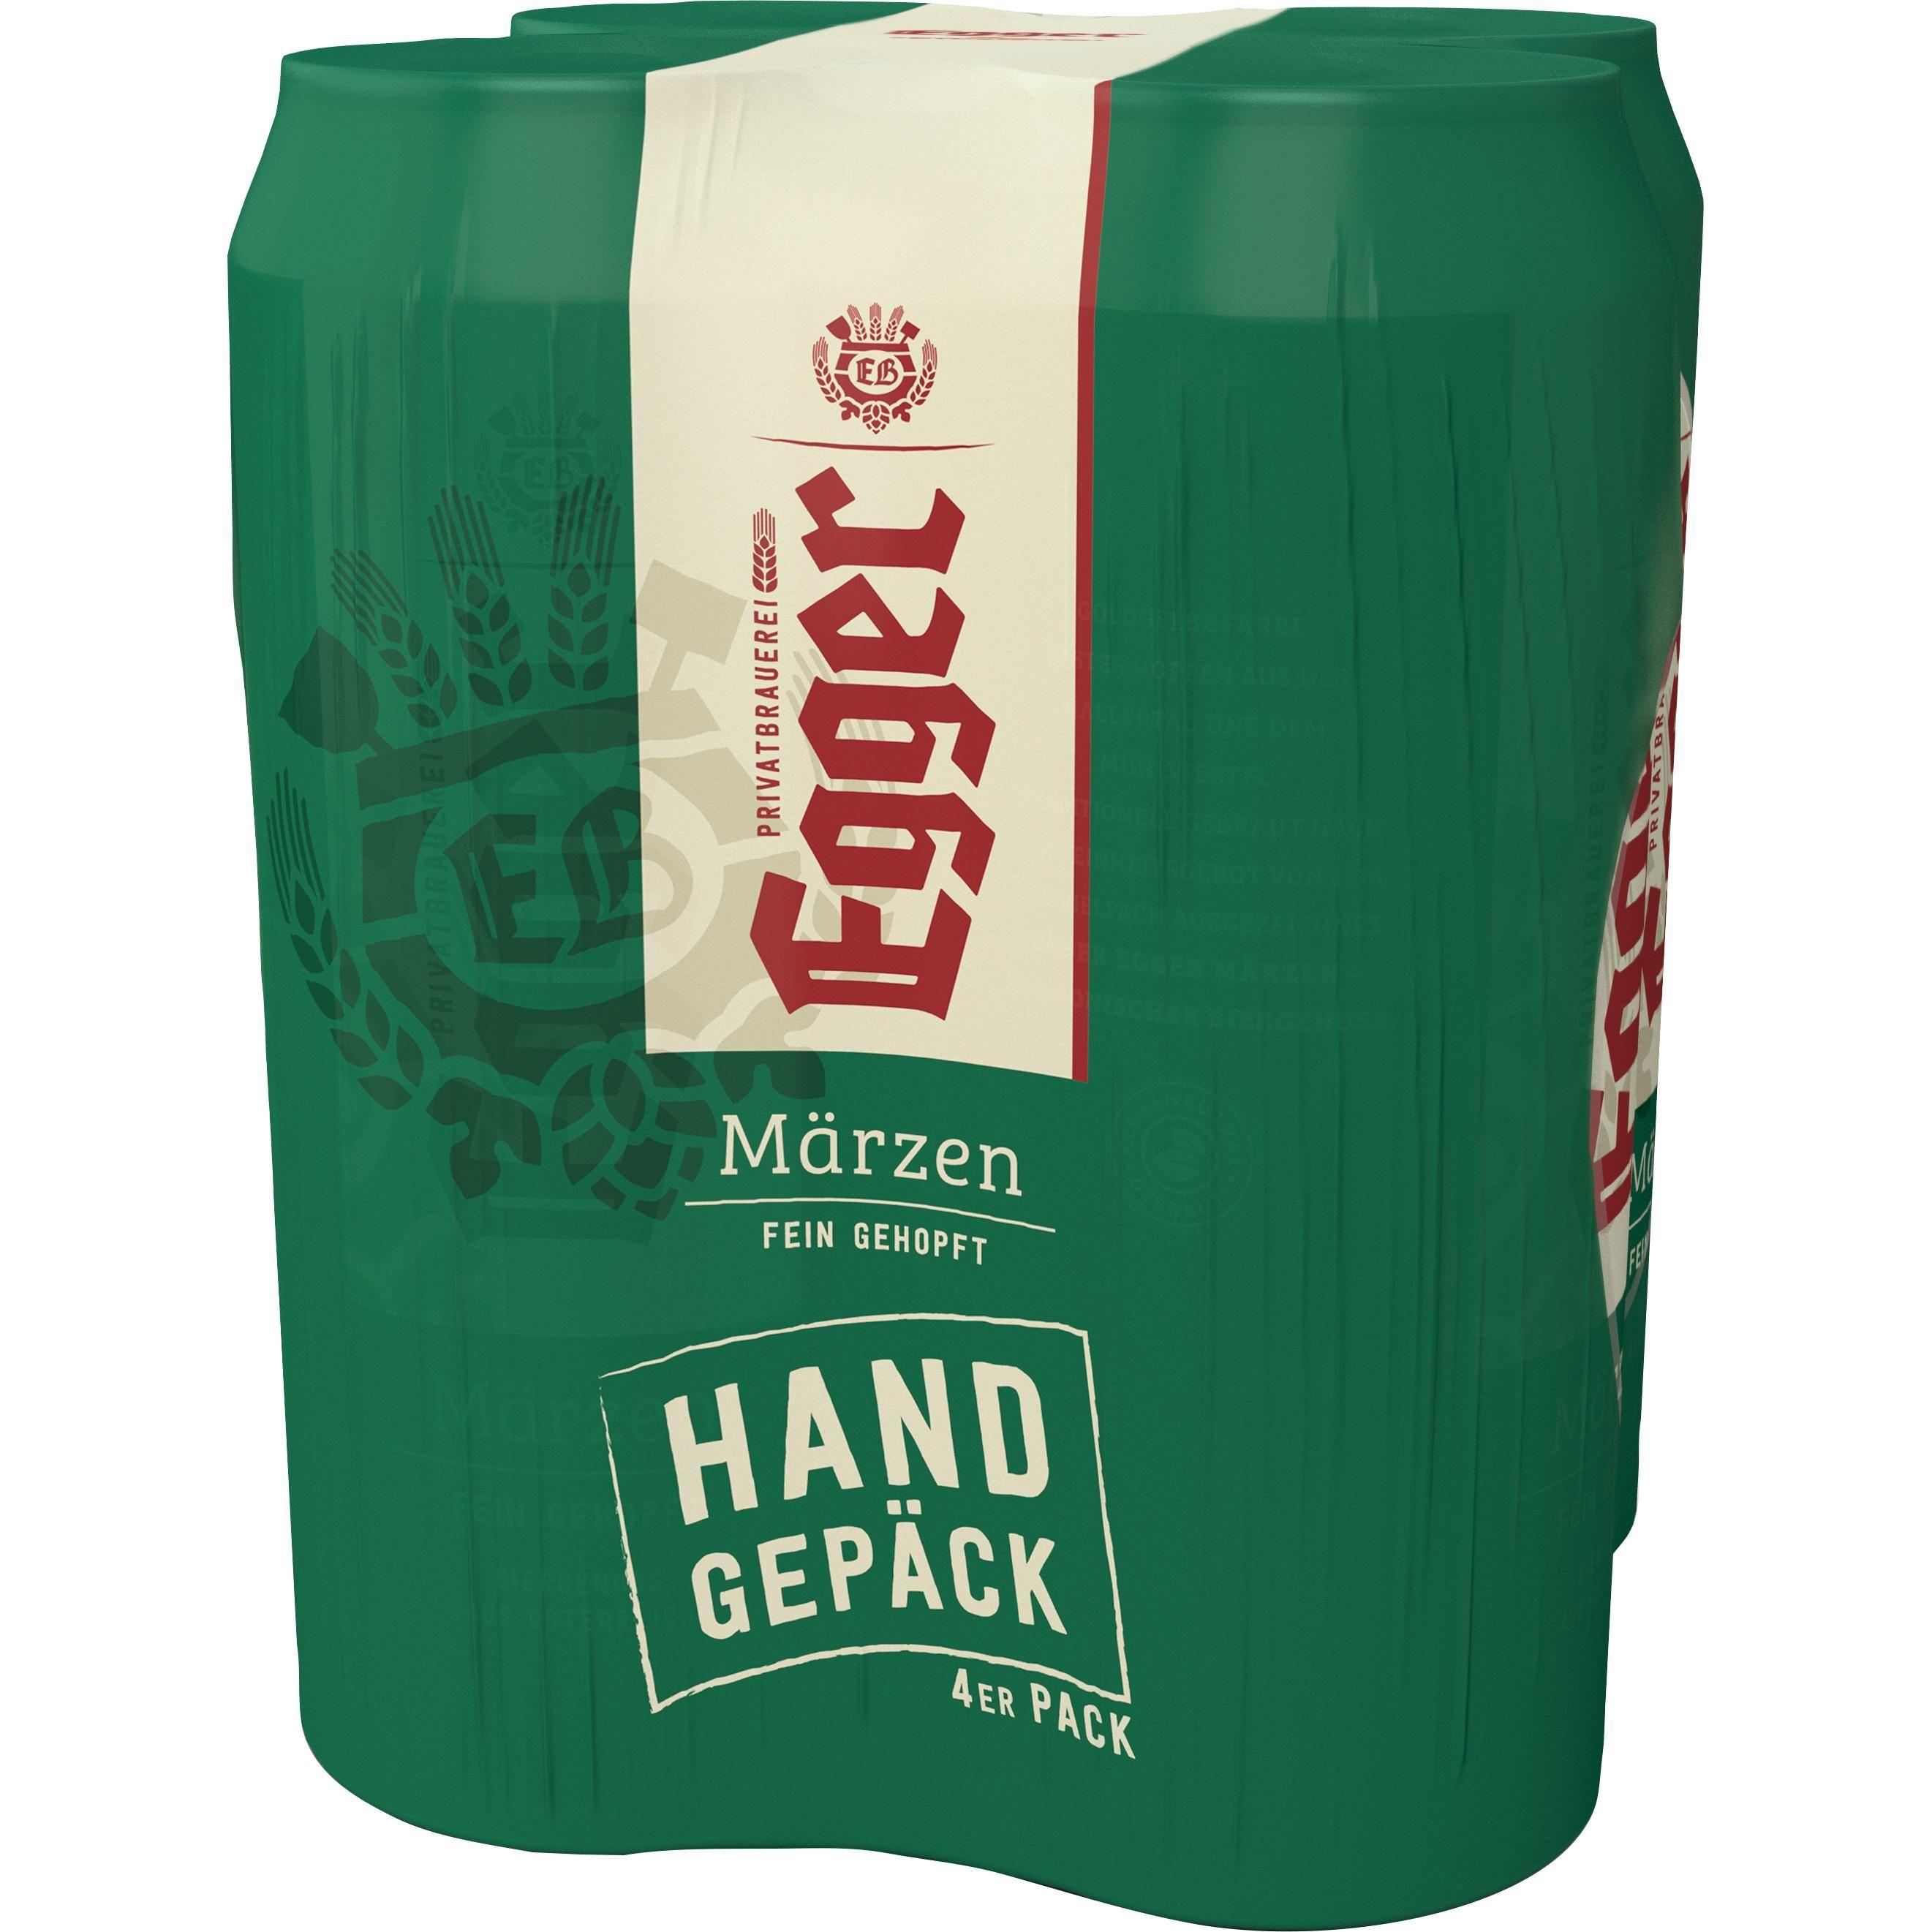 [Offline] Egger Märzen Bier 0,32€ ab 24 Stück